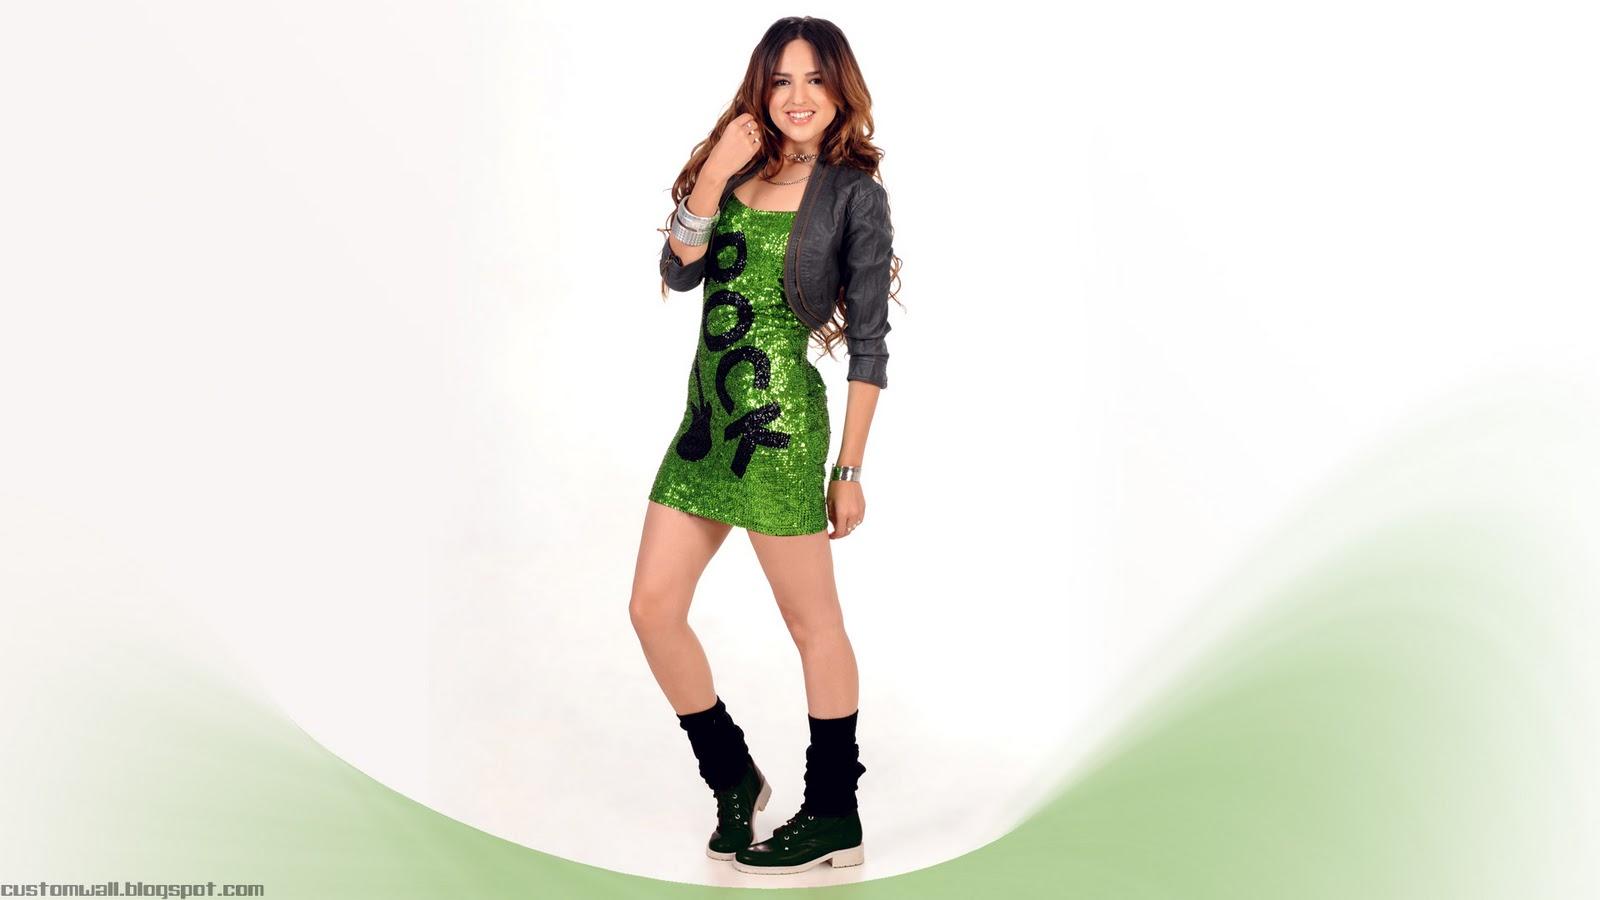 http://3.bp.blogspot.com/_BHNjY1nZFfg/TUnsHC5fLkI/AAAAAAAACgo/eloxofPjN08/s1600/eiza0484734354.jpg